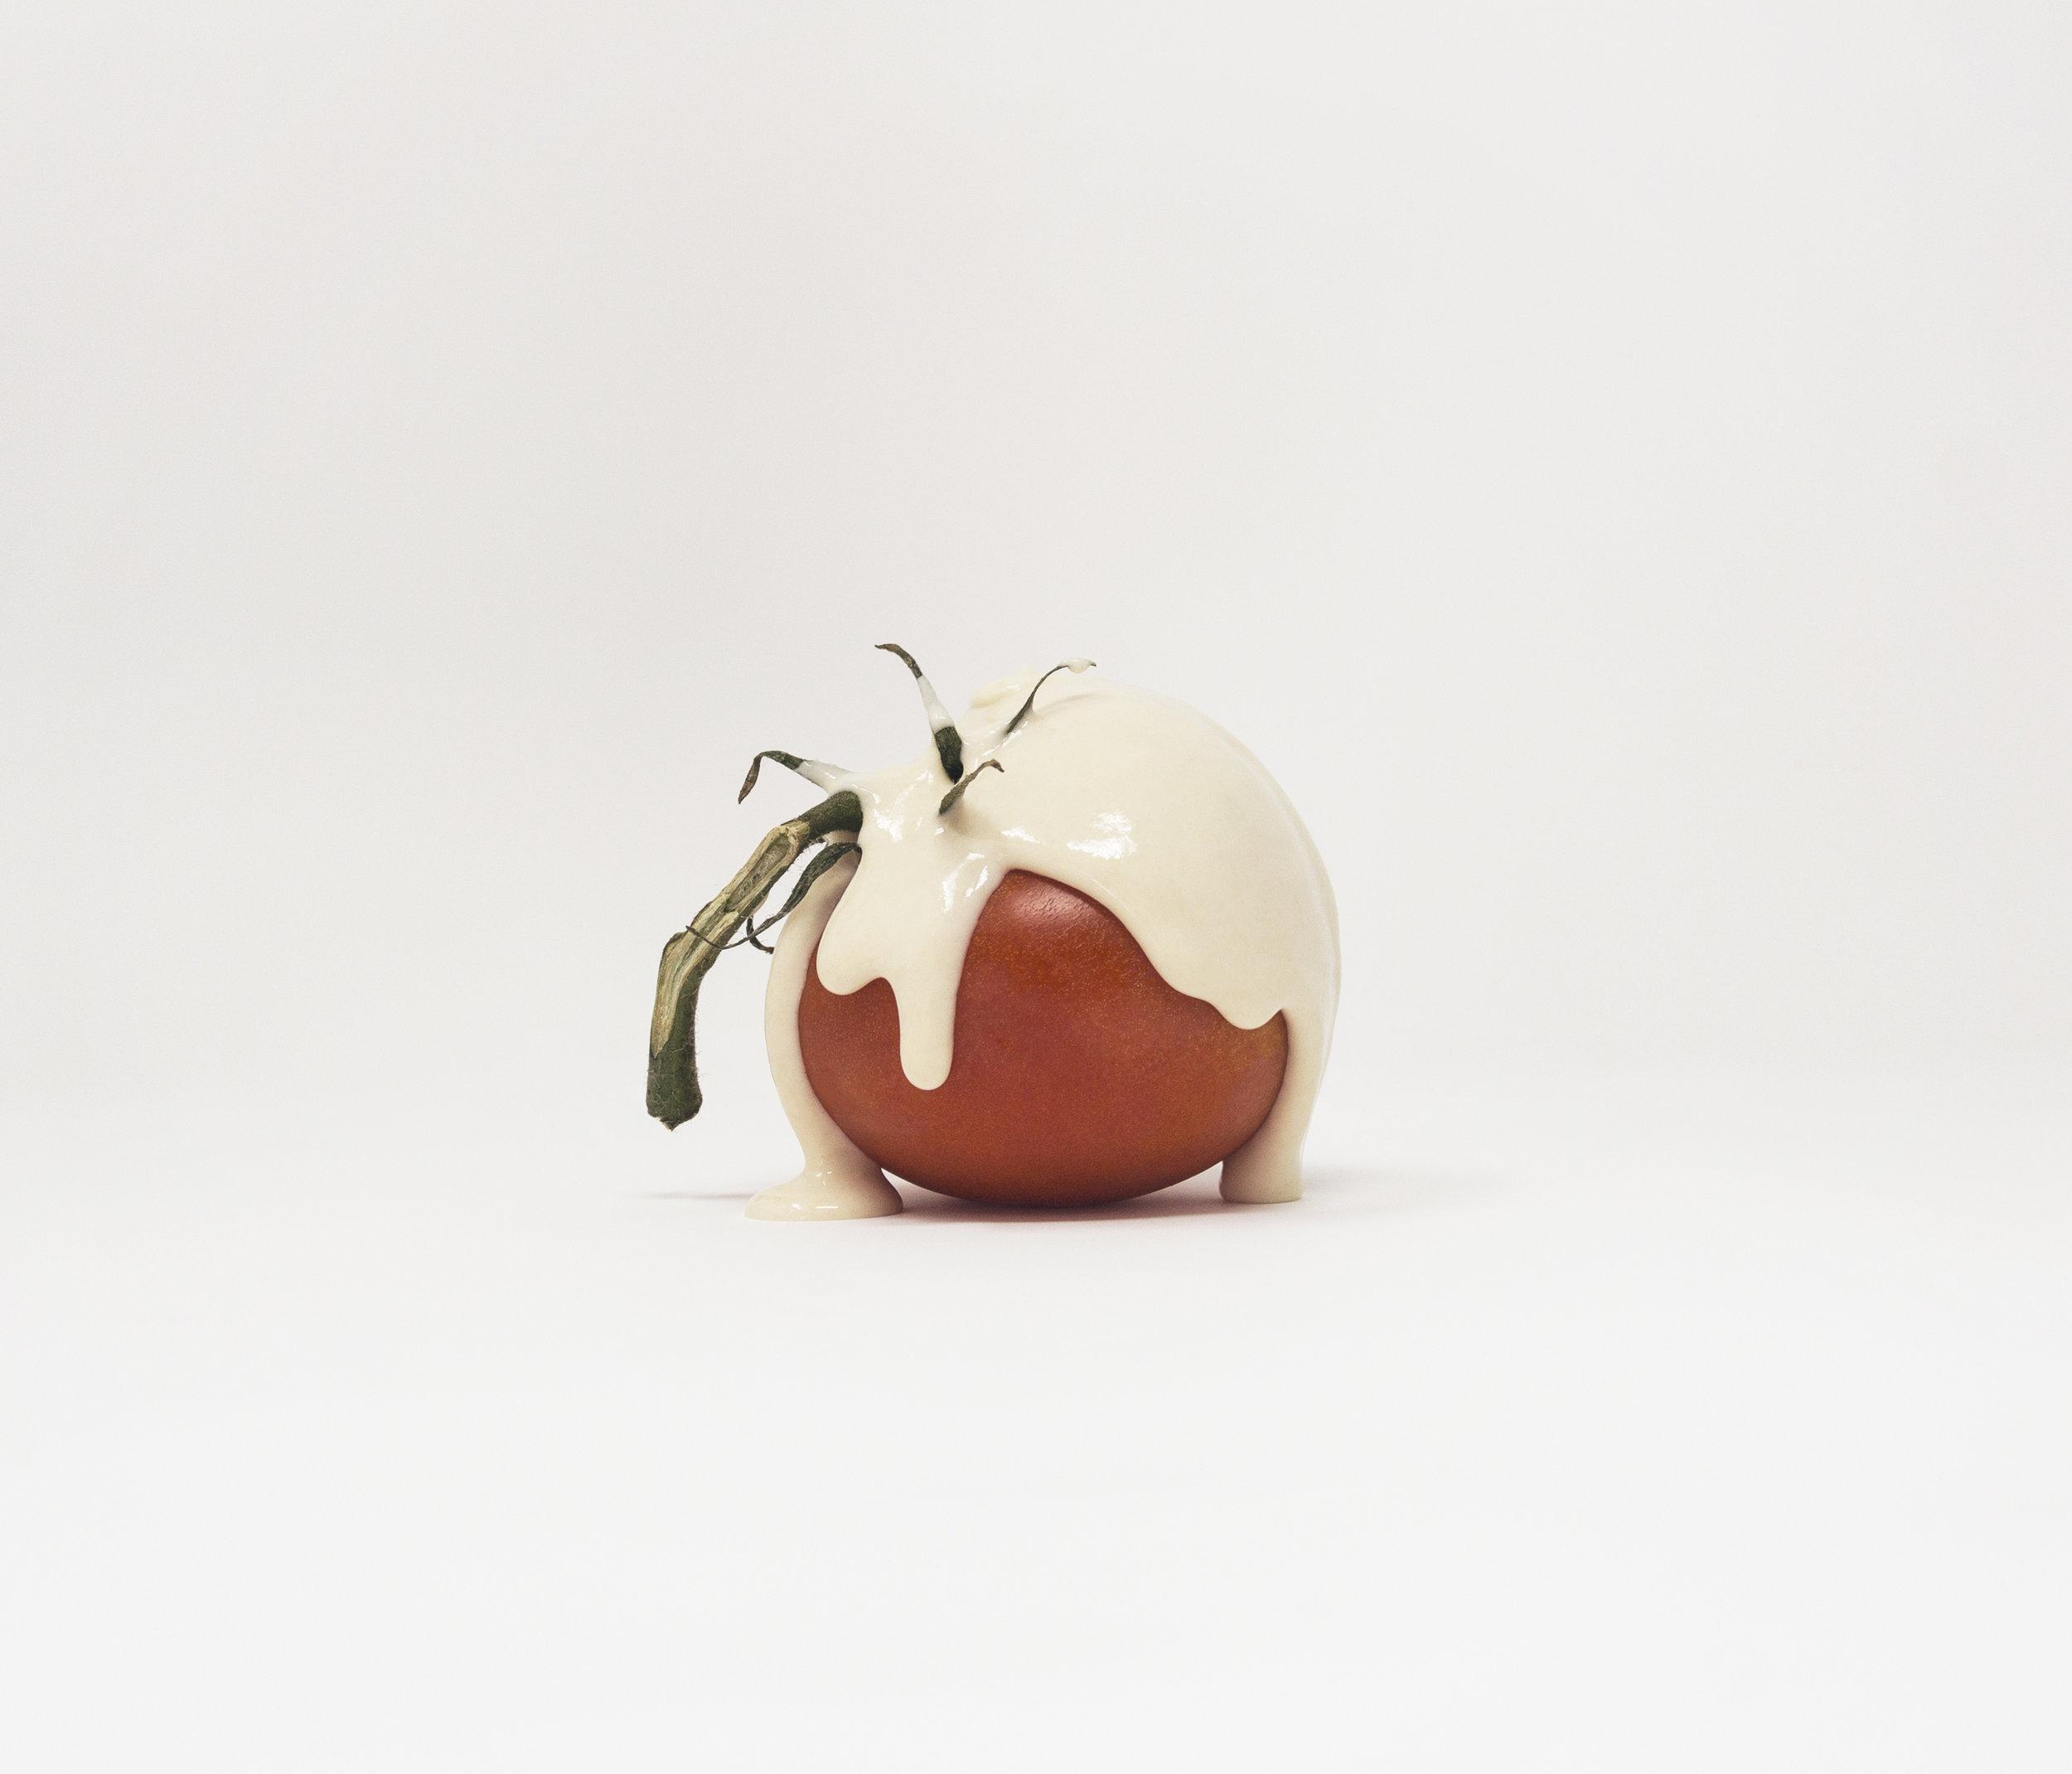 global-food-crisis-artwork.jpg